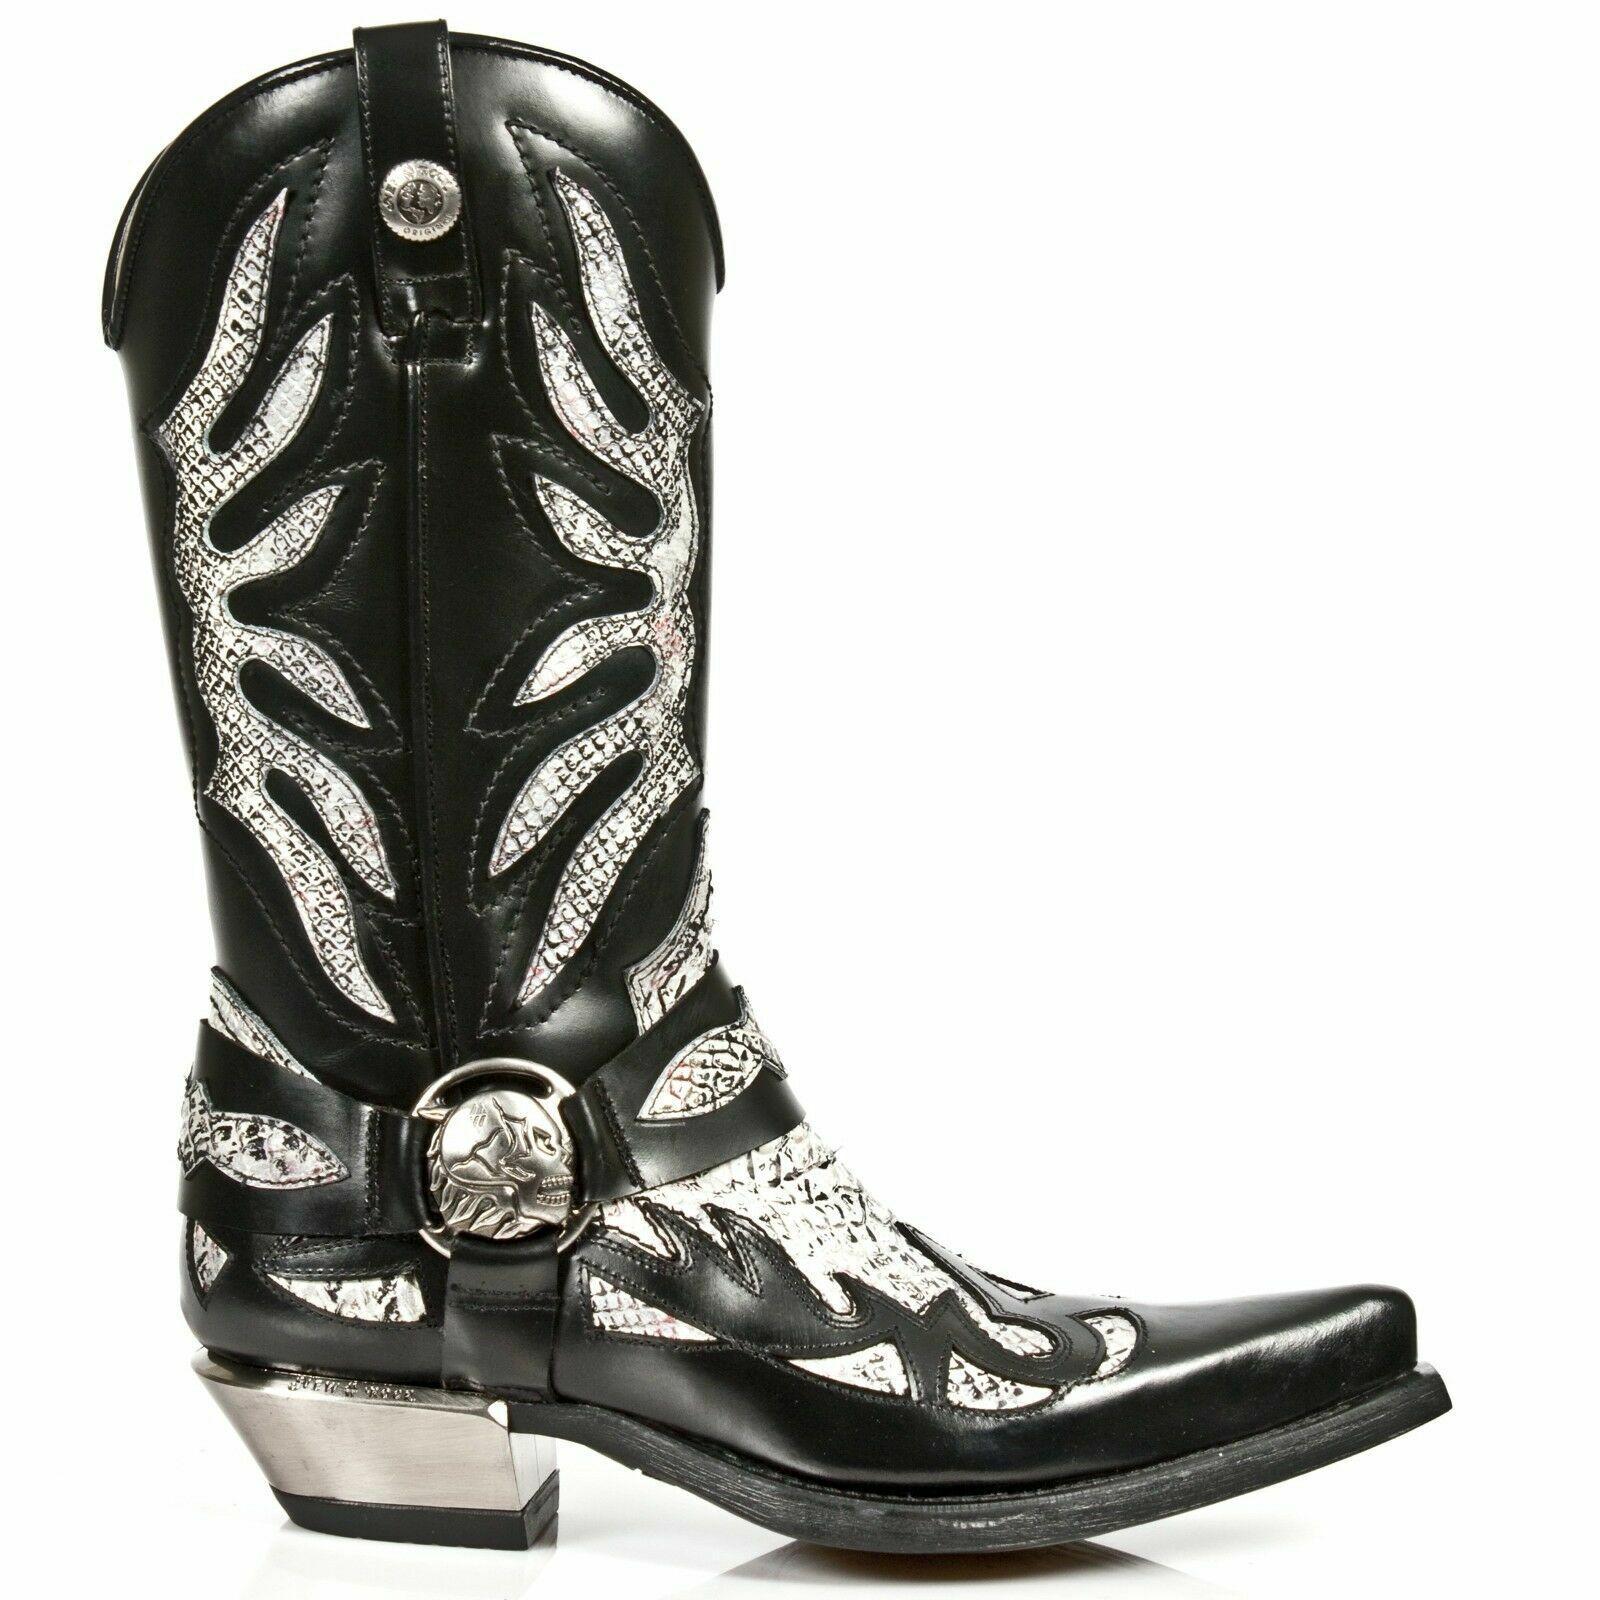 Newrock New Rock Homme 7991-S3 Cowboy Western Noir Blanc piton en Cuir Fermeture Éclair Bottes